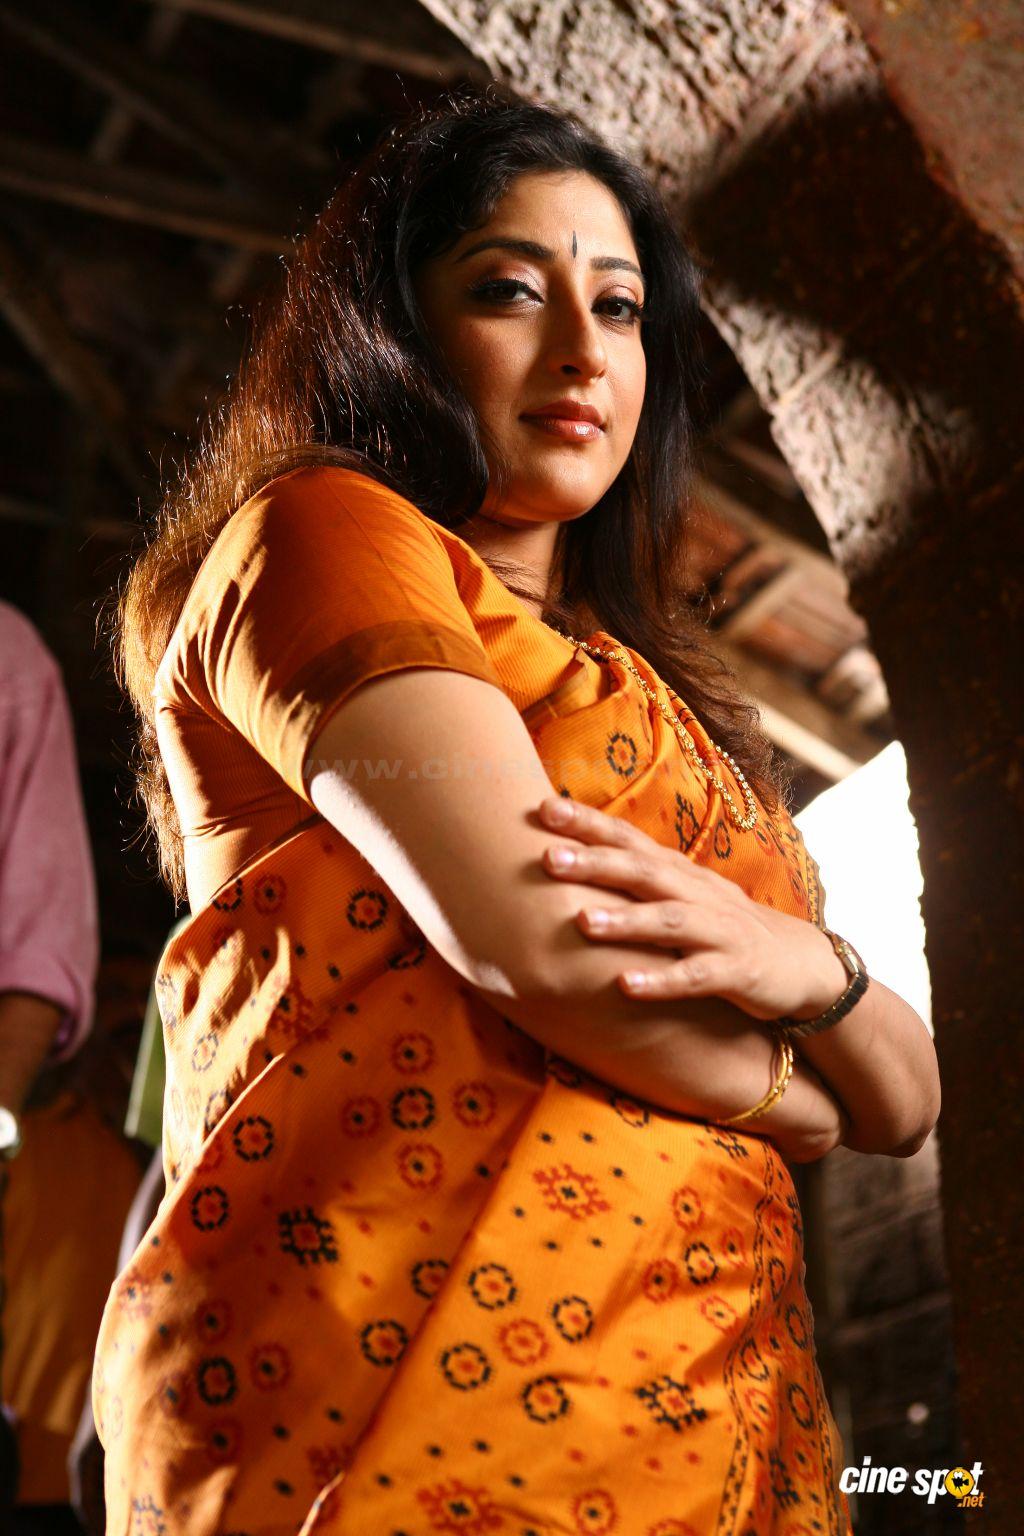 lakshmi gopalaswami hot sexy photos lakshmi gopalaswami wallpapers ...